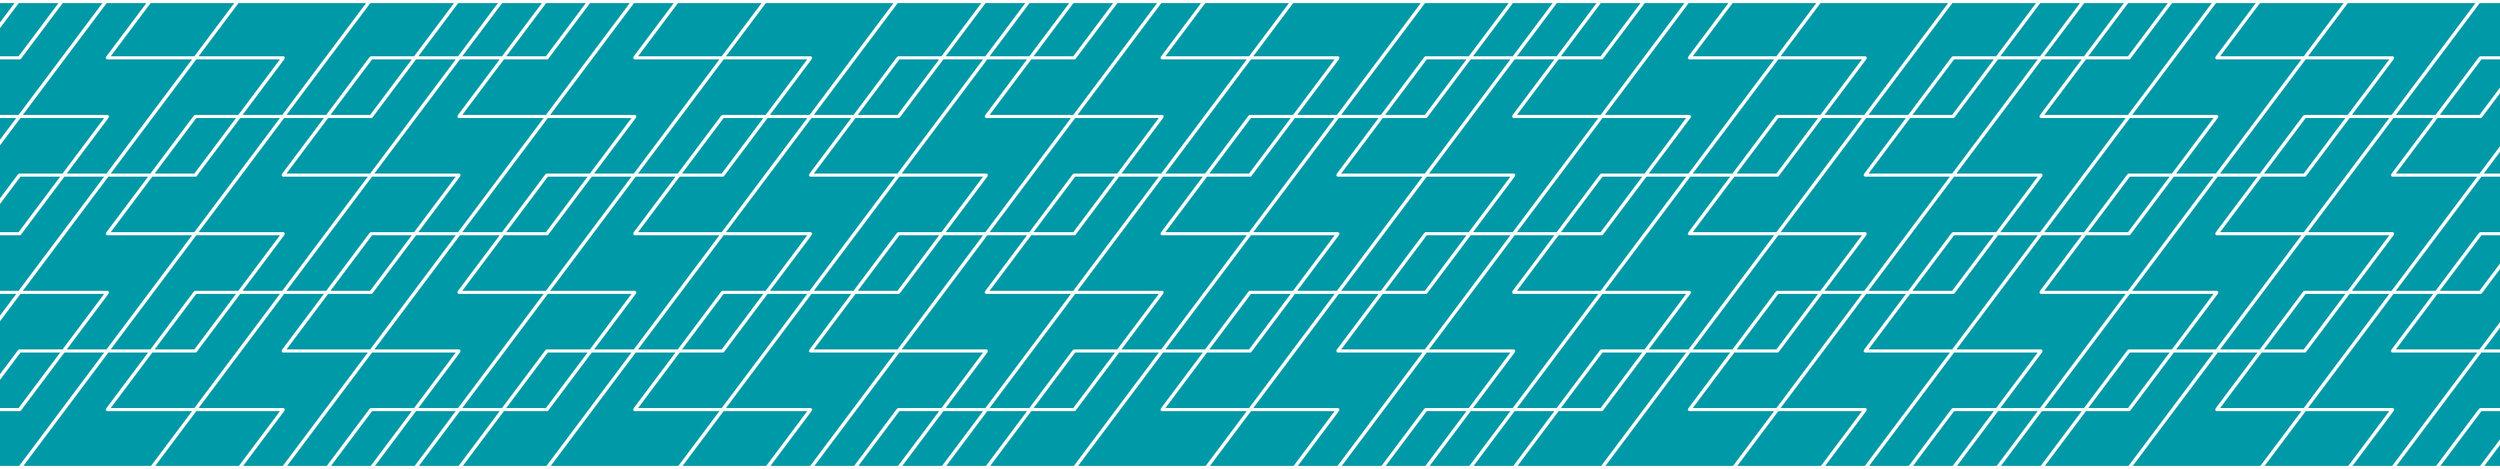 coa-pattern_06 copy@2x.jpg